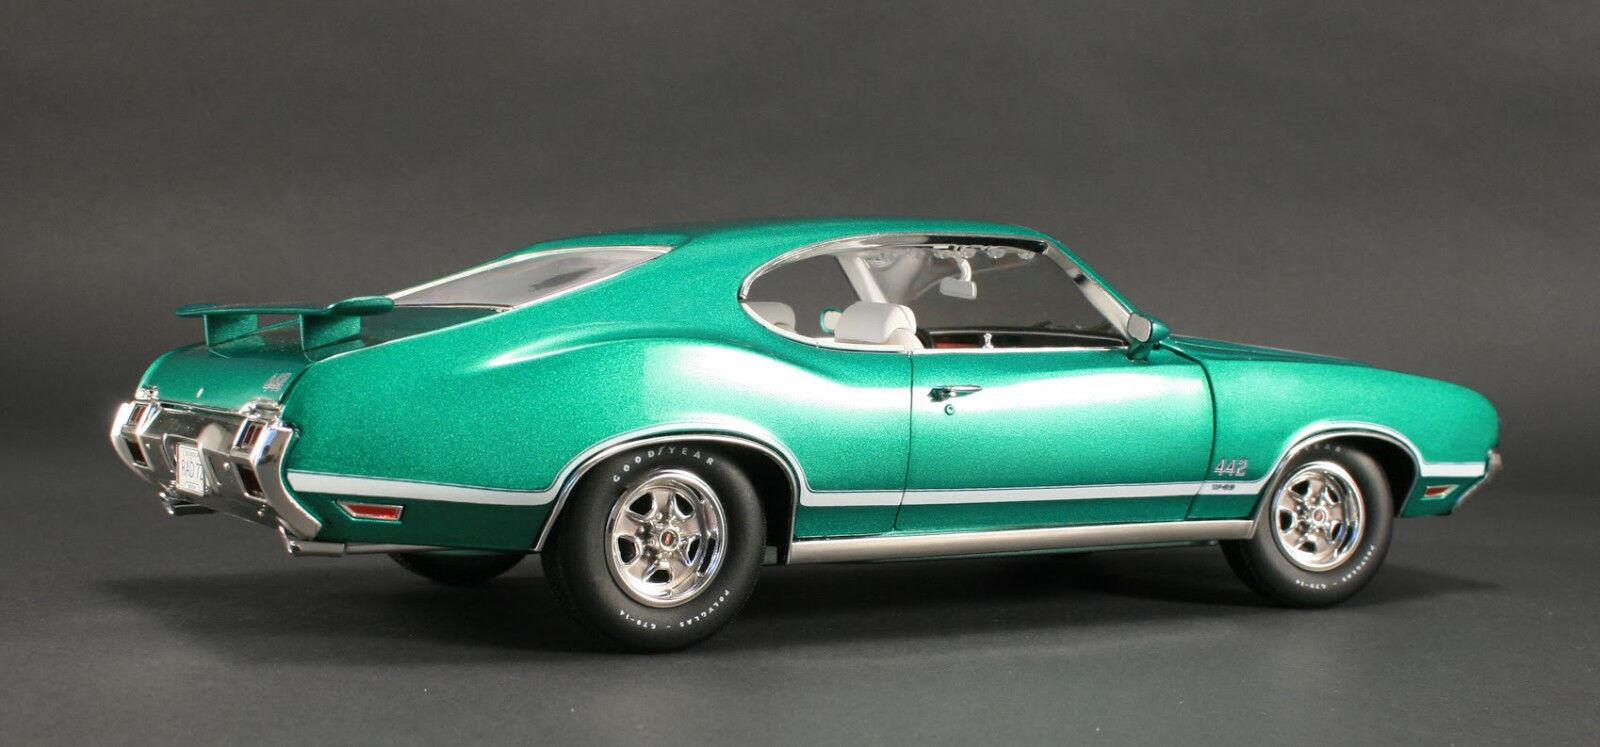 compras online de deportes 1972 Oldsmobile verde 1 18 18 18  solo cómpralo